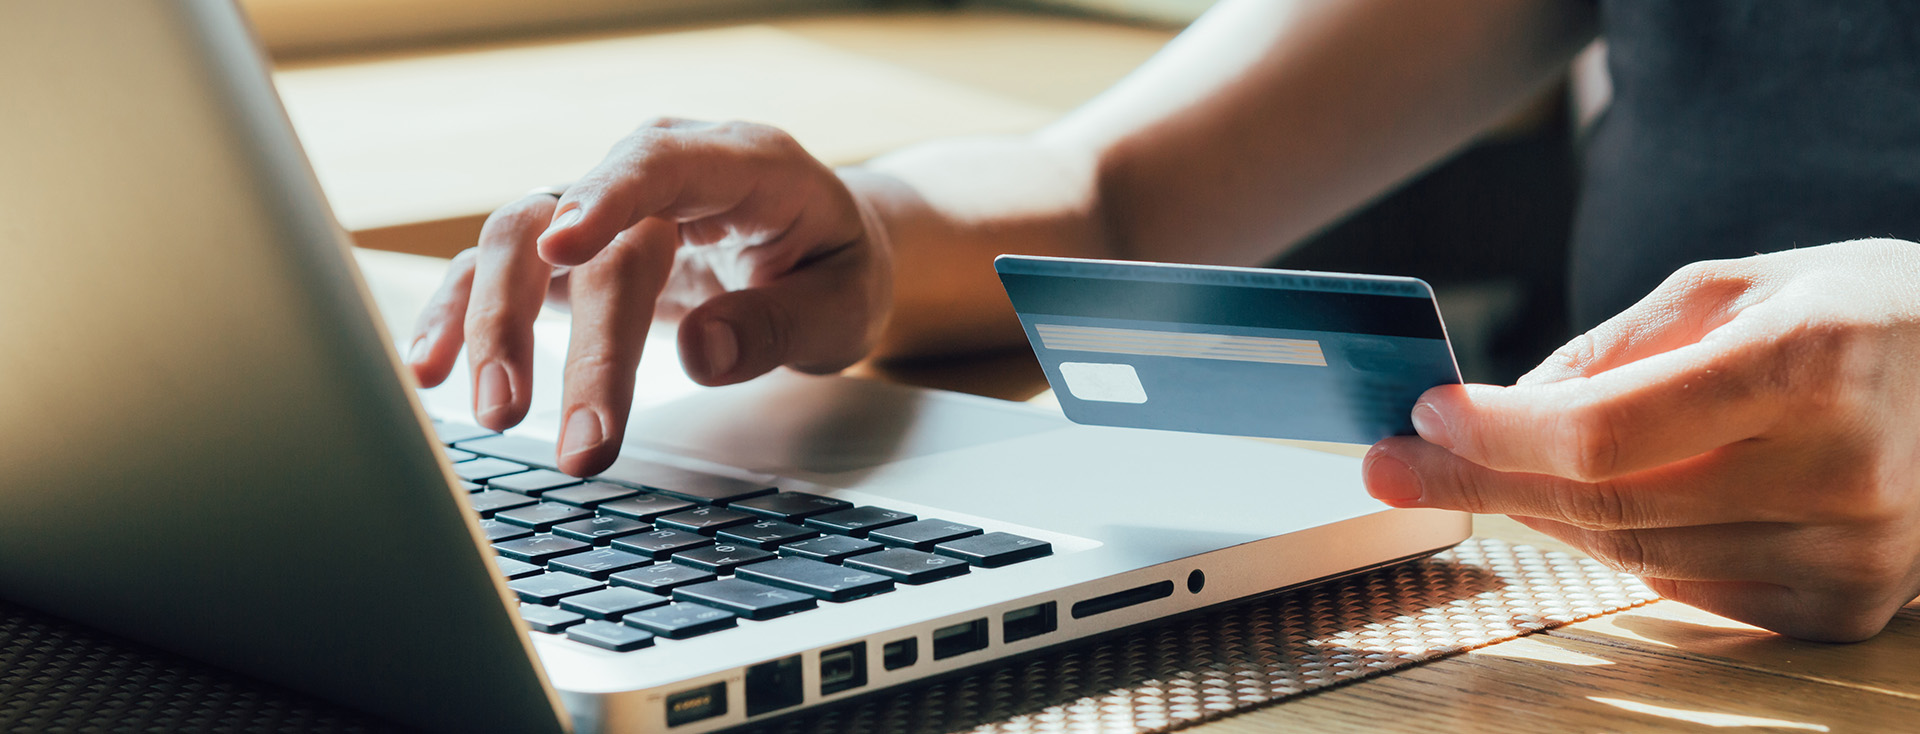 信用卡使用電腦輸入文字